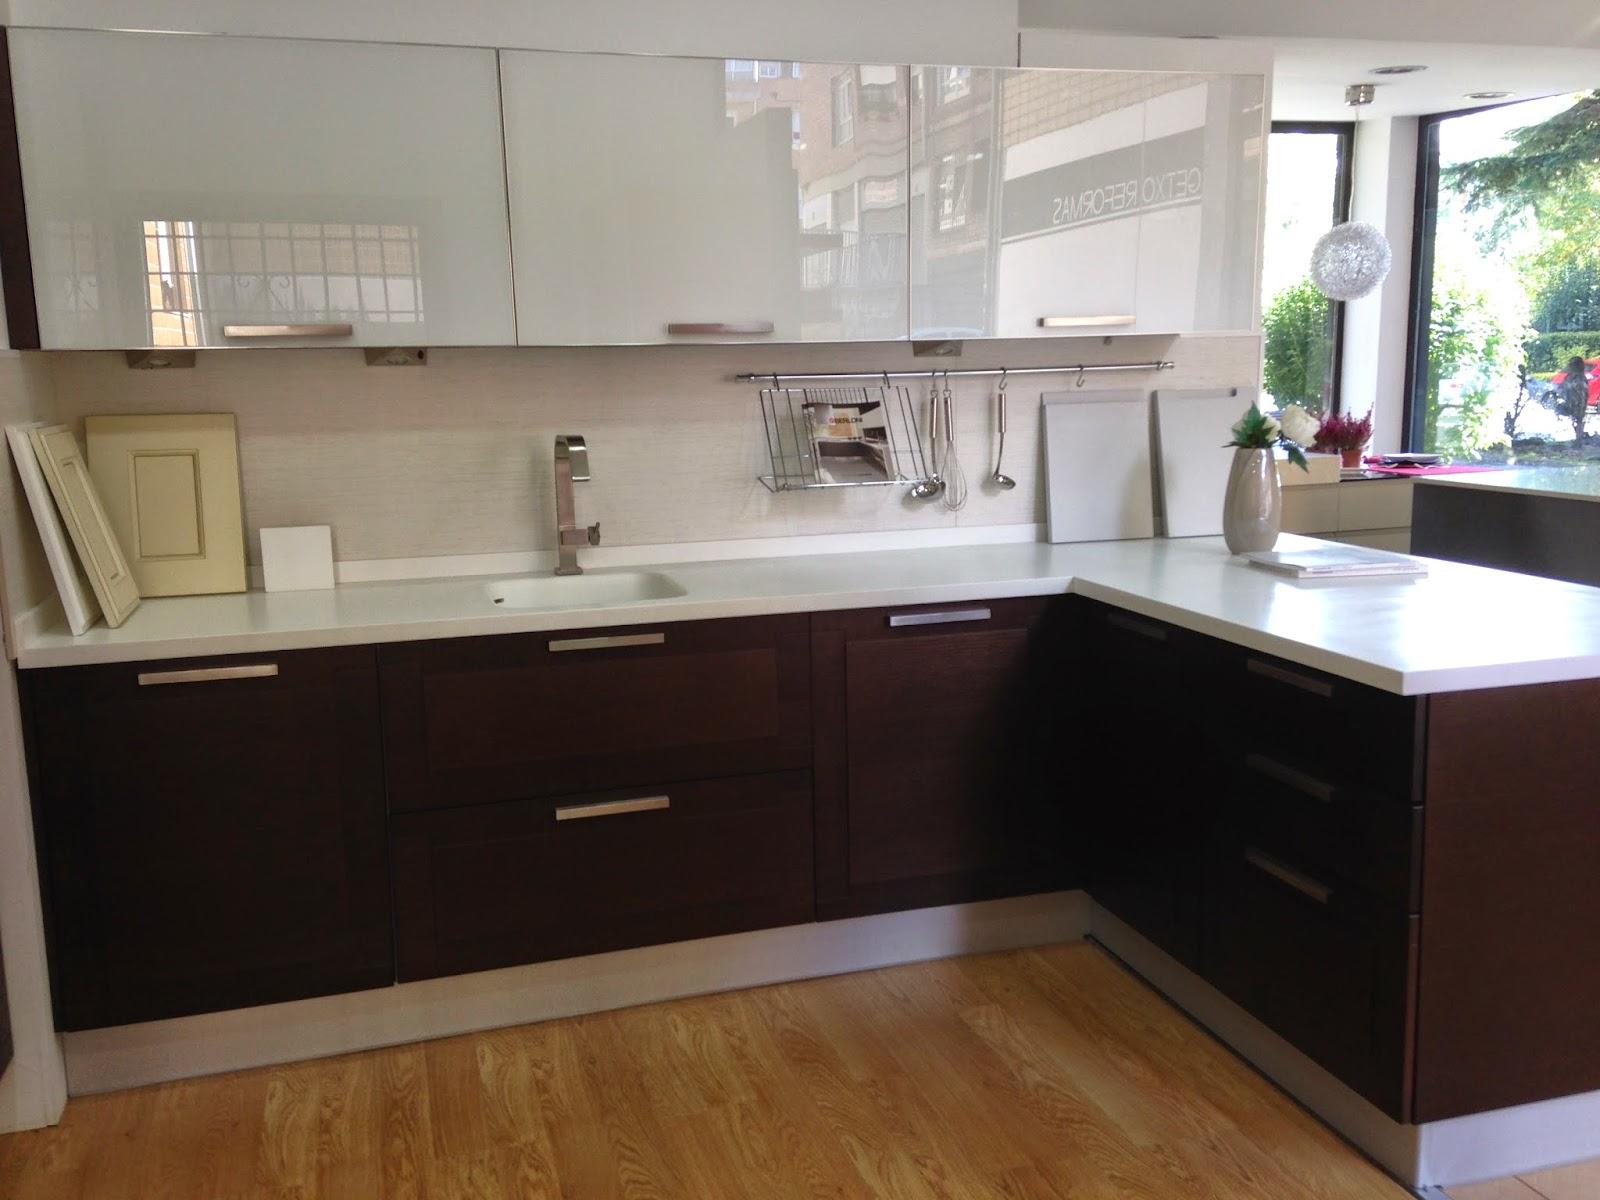 Precios especiales en muebles de cocina por cambio de - El corte ingles cocinas y banos ...